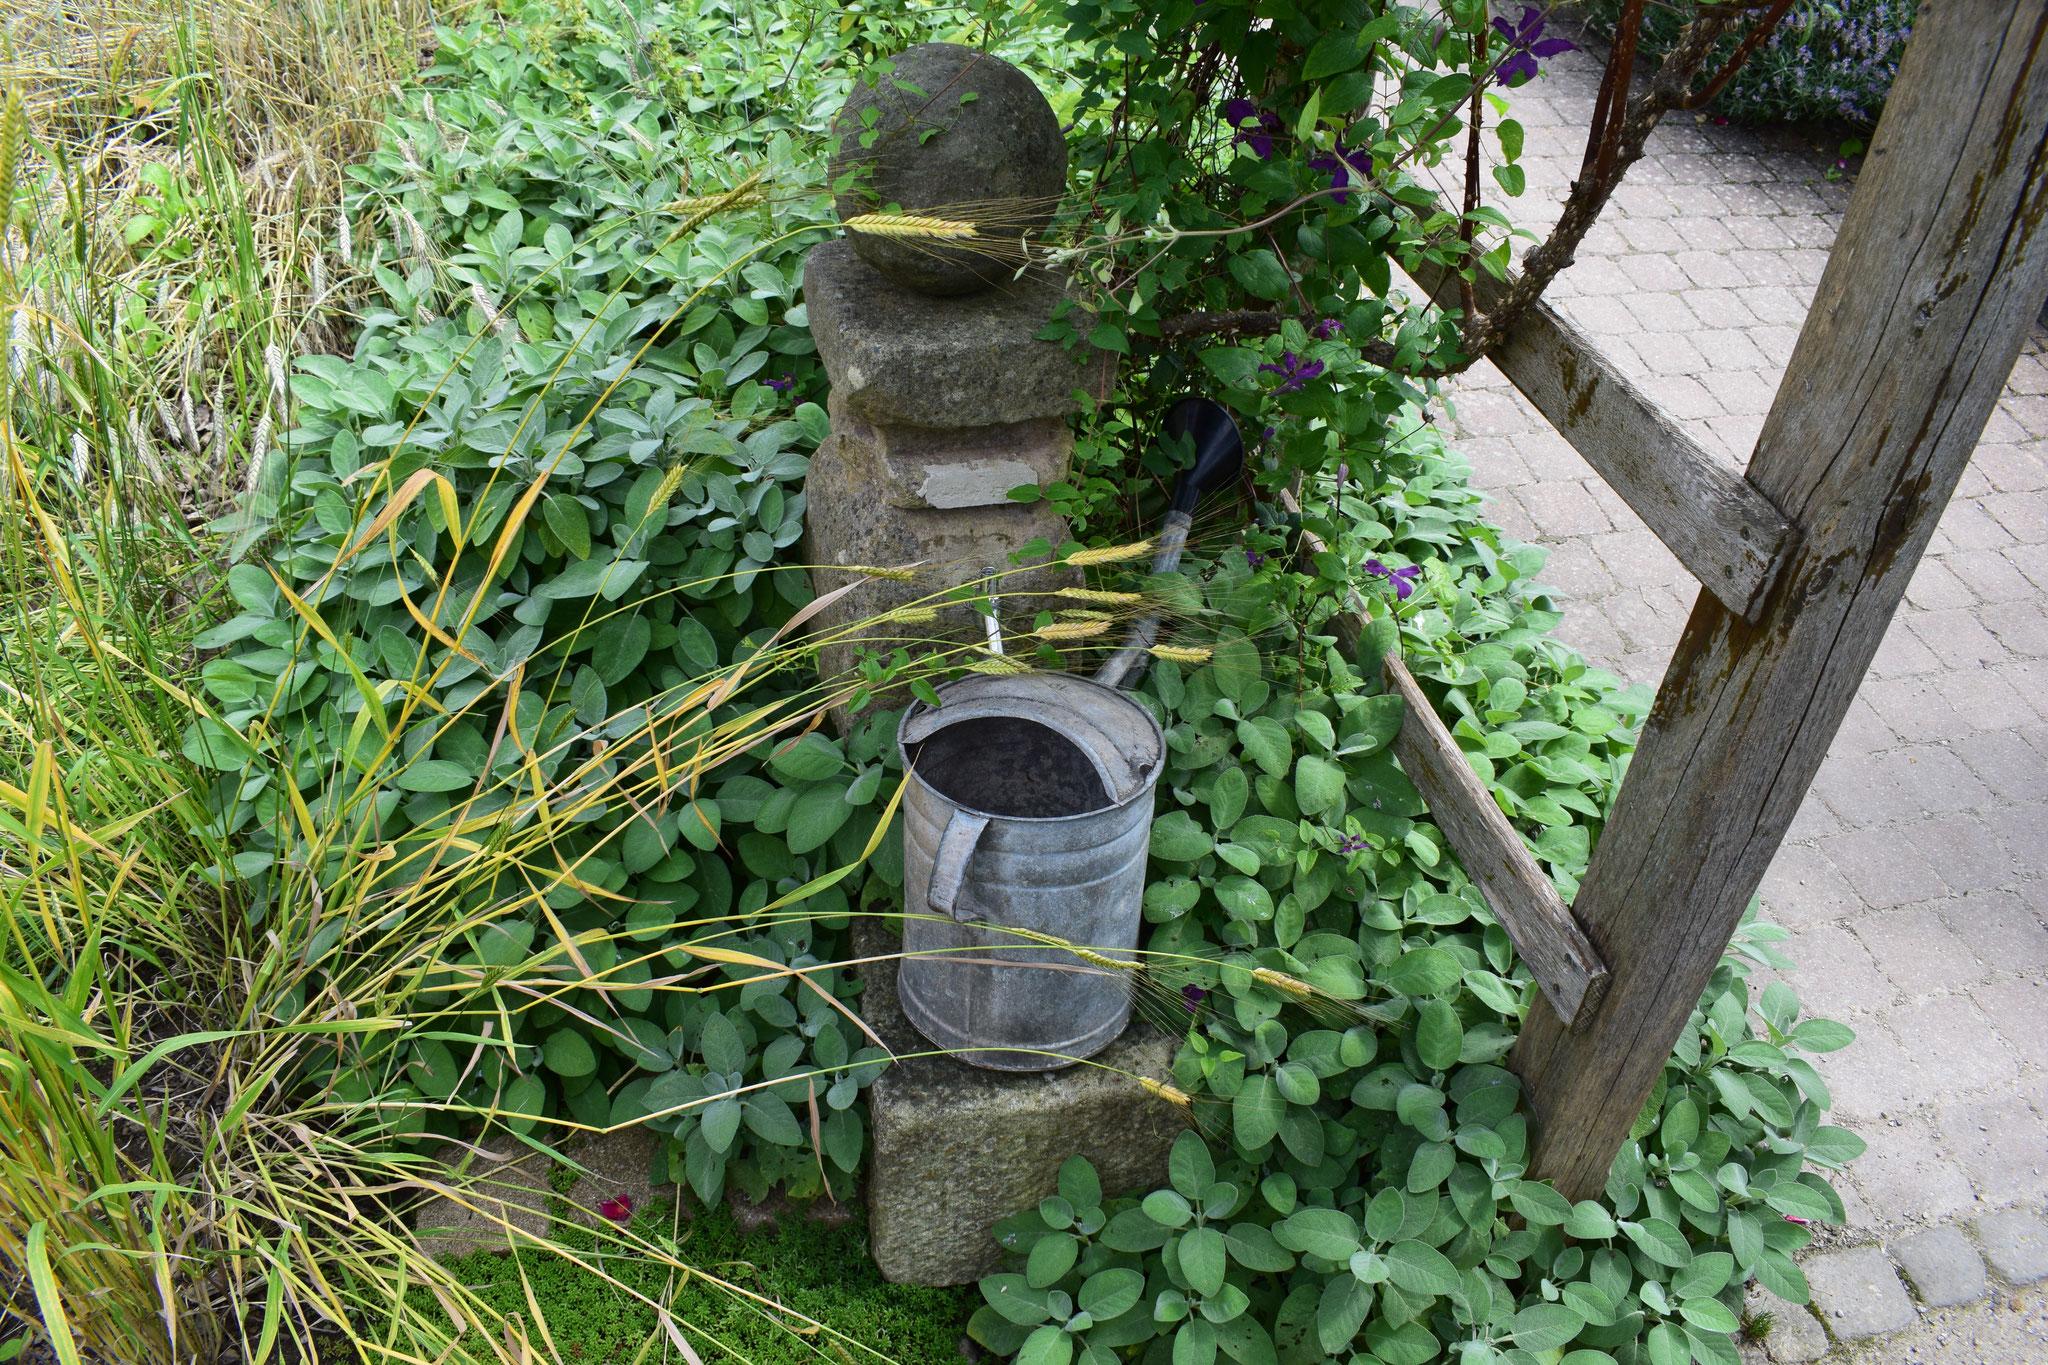 Bibelgarten am Friedhof in Bad Sooden-Allendorf